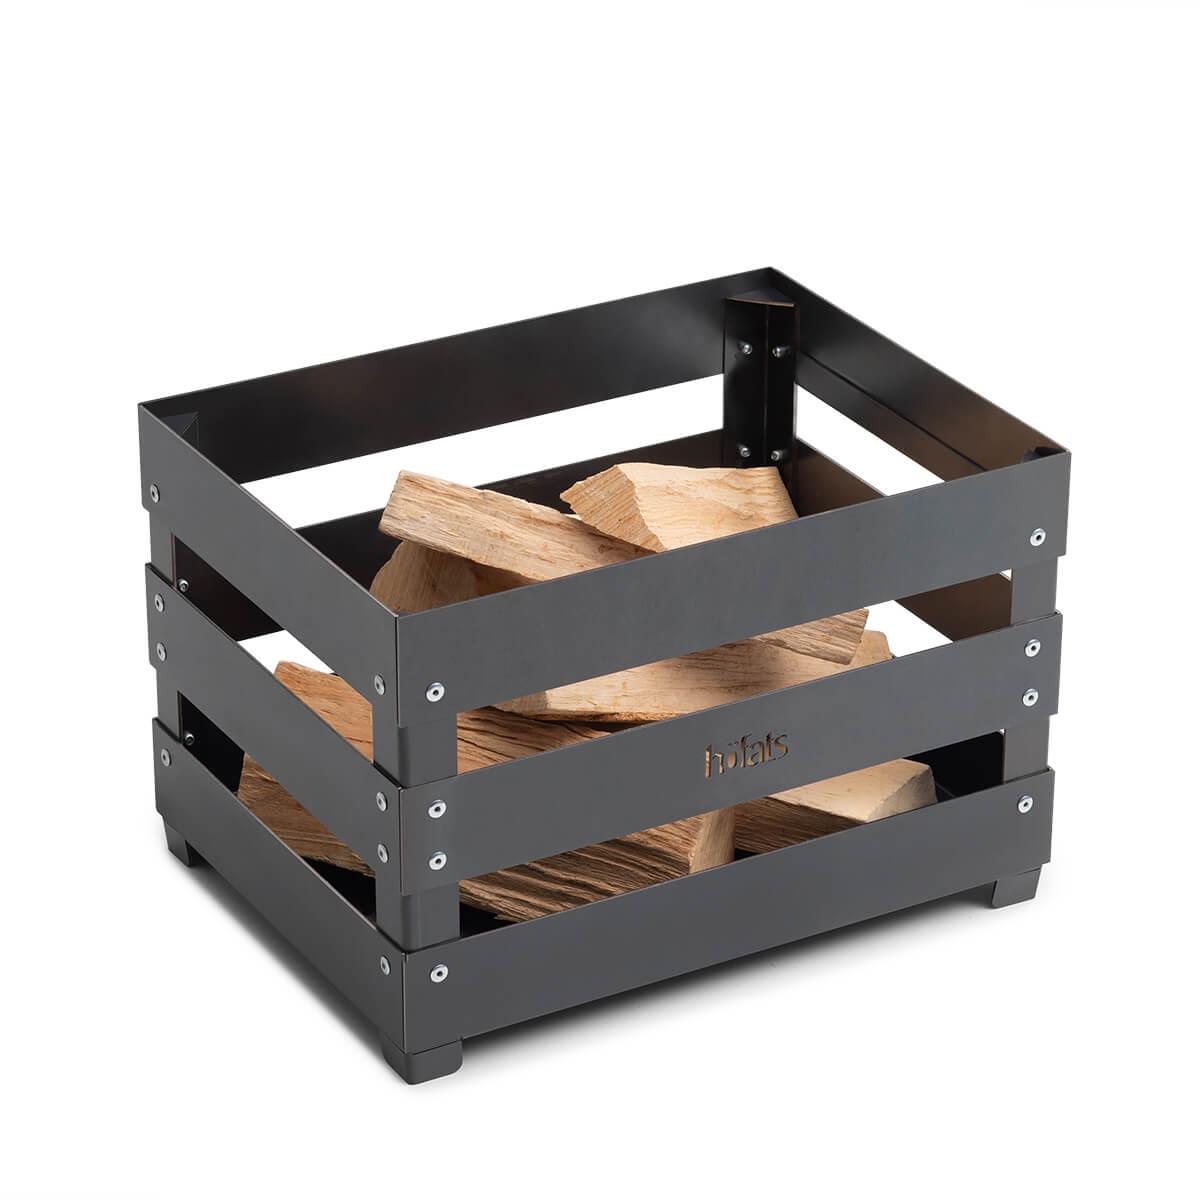 Höfats Crate Feuerkorb, Grill & Hocker 120101